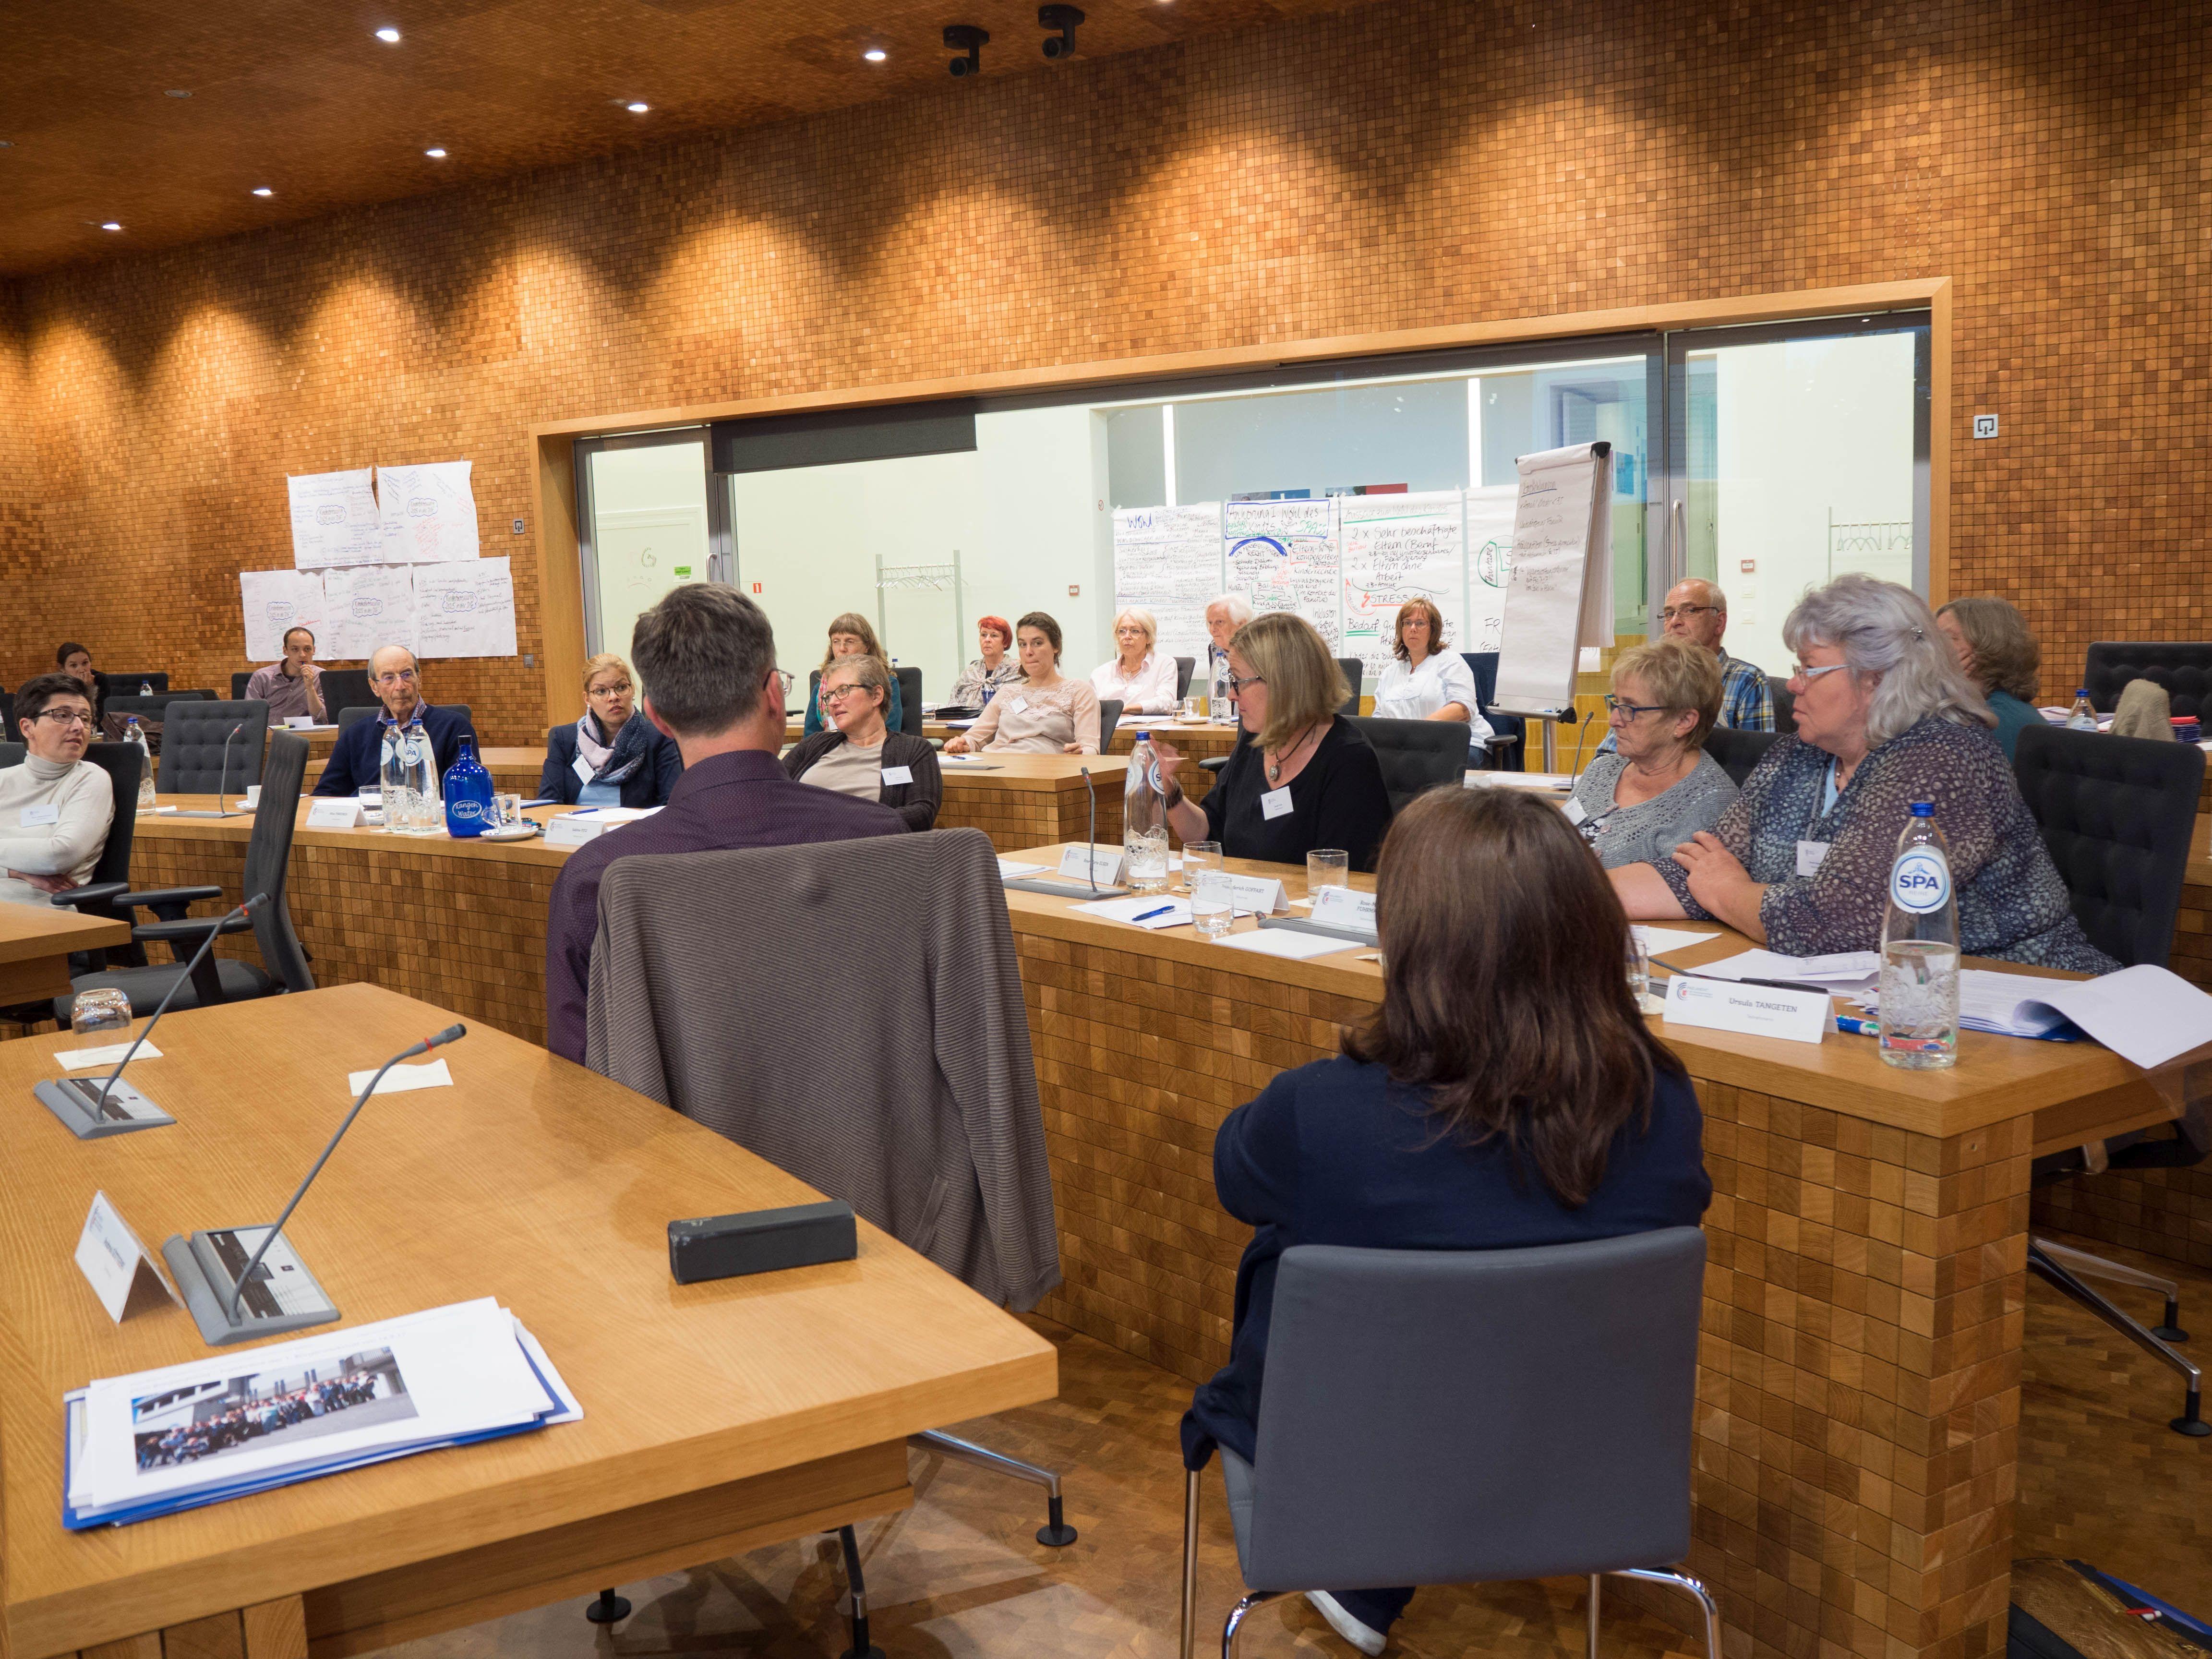 Demokratie aktiv mitgestalten - Bürger setzen sich für ihre Themen ein